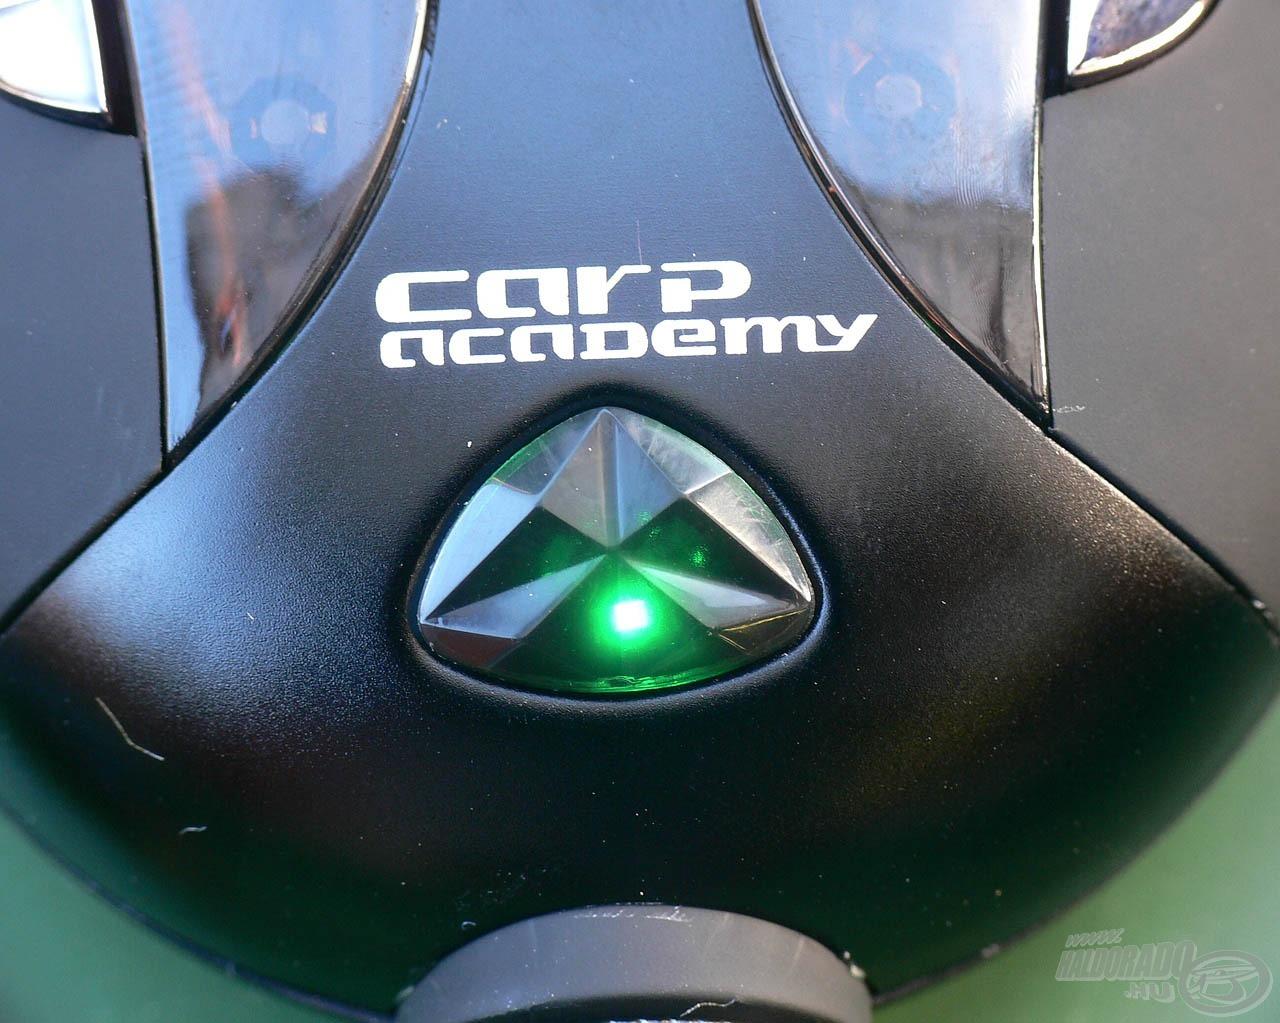 A feltöltött állapotot folyamatos zöld fény jelzi, ekkor már nem ajánlott tovább töltőn hagyni. A feltöltéshez általában 1-3 óra szükséges